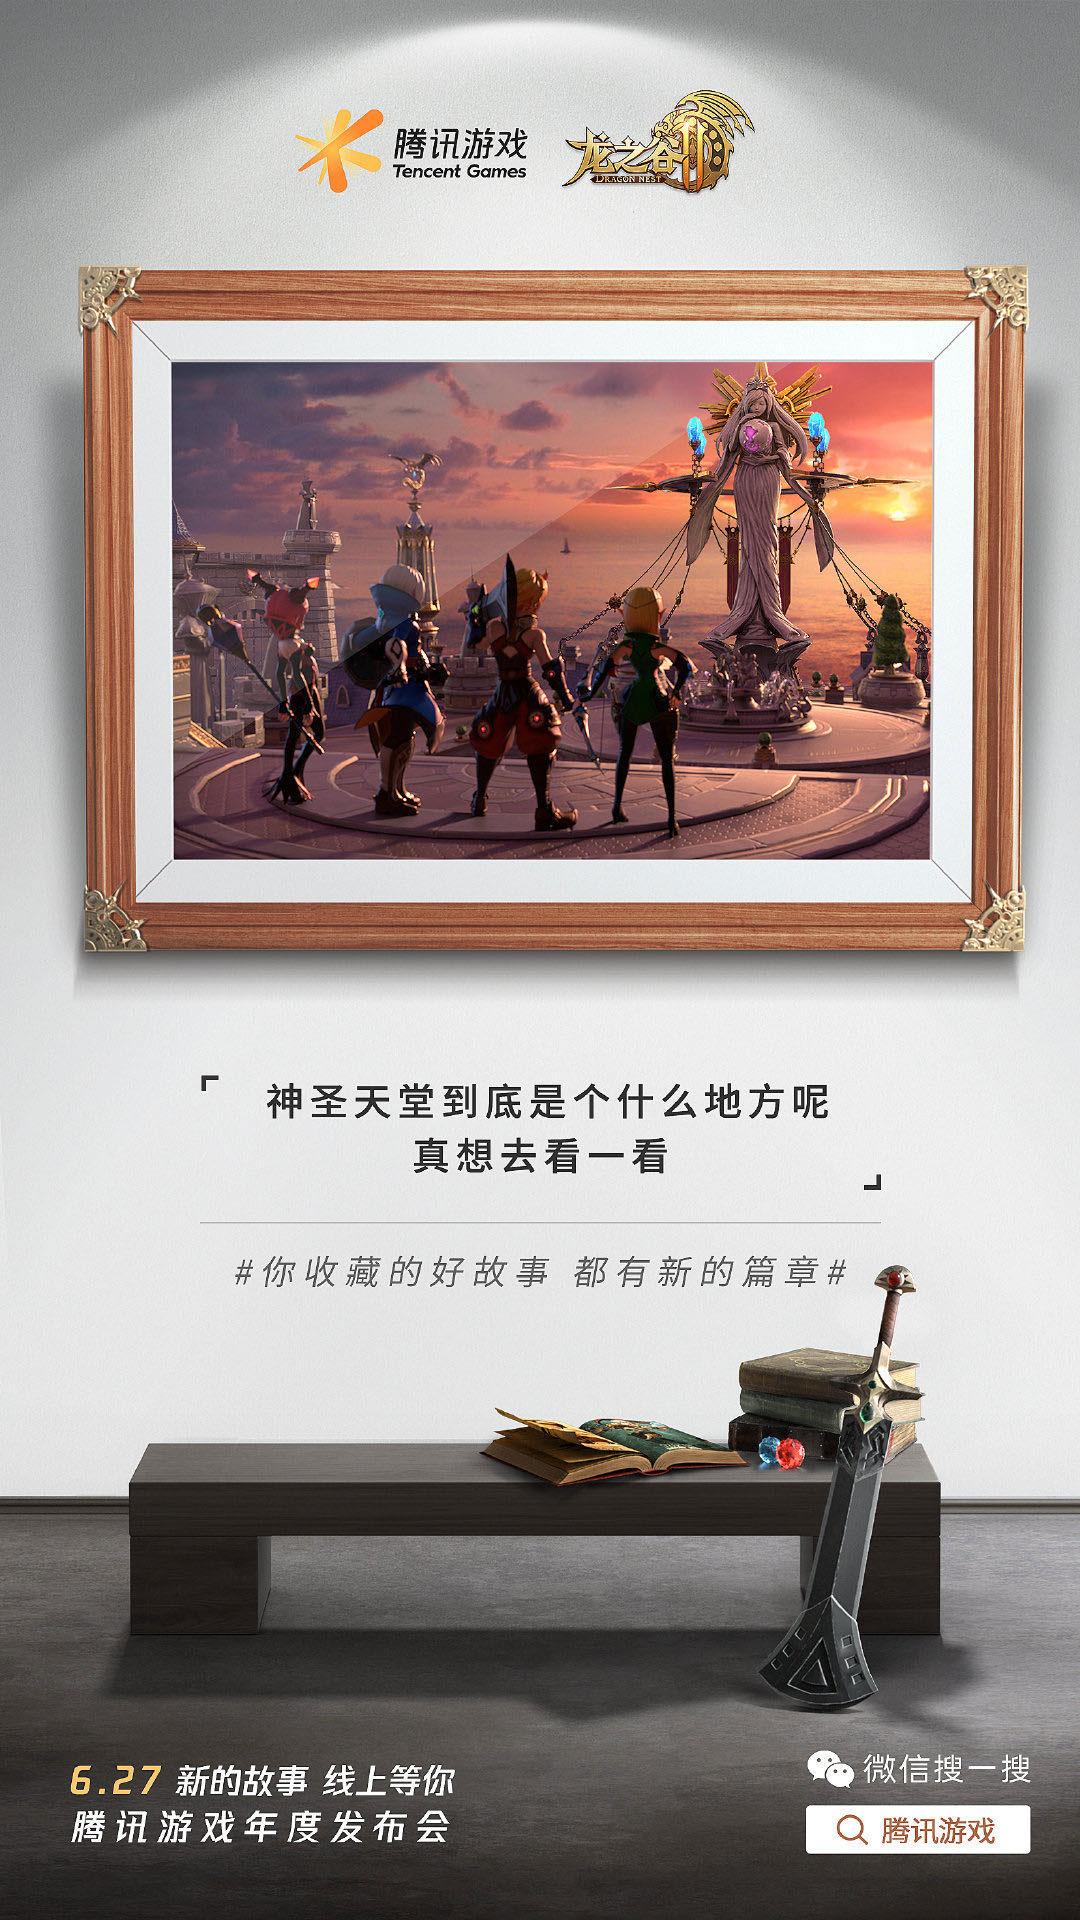 《龙之谷2》亮相腾讯6·27游戏发布会 代言人周深邀你一起回谷